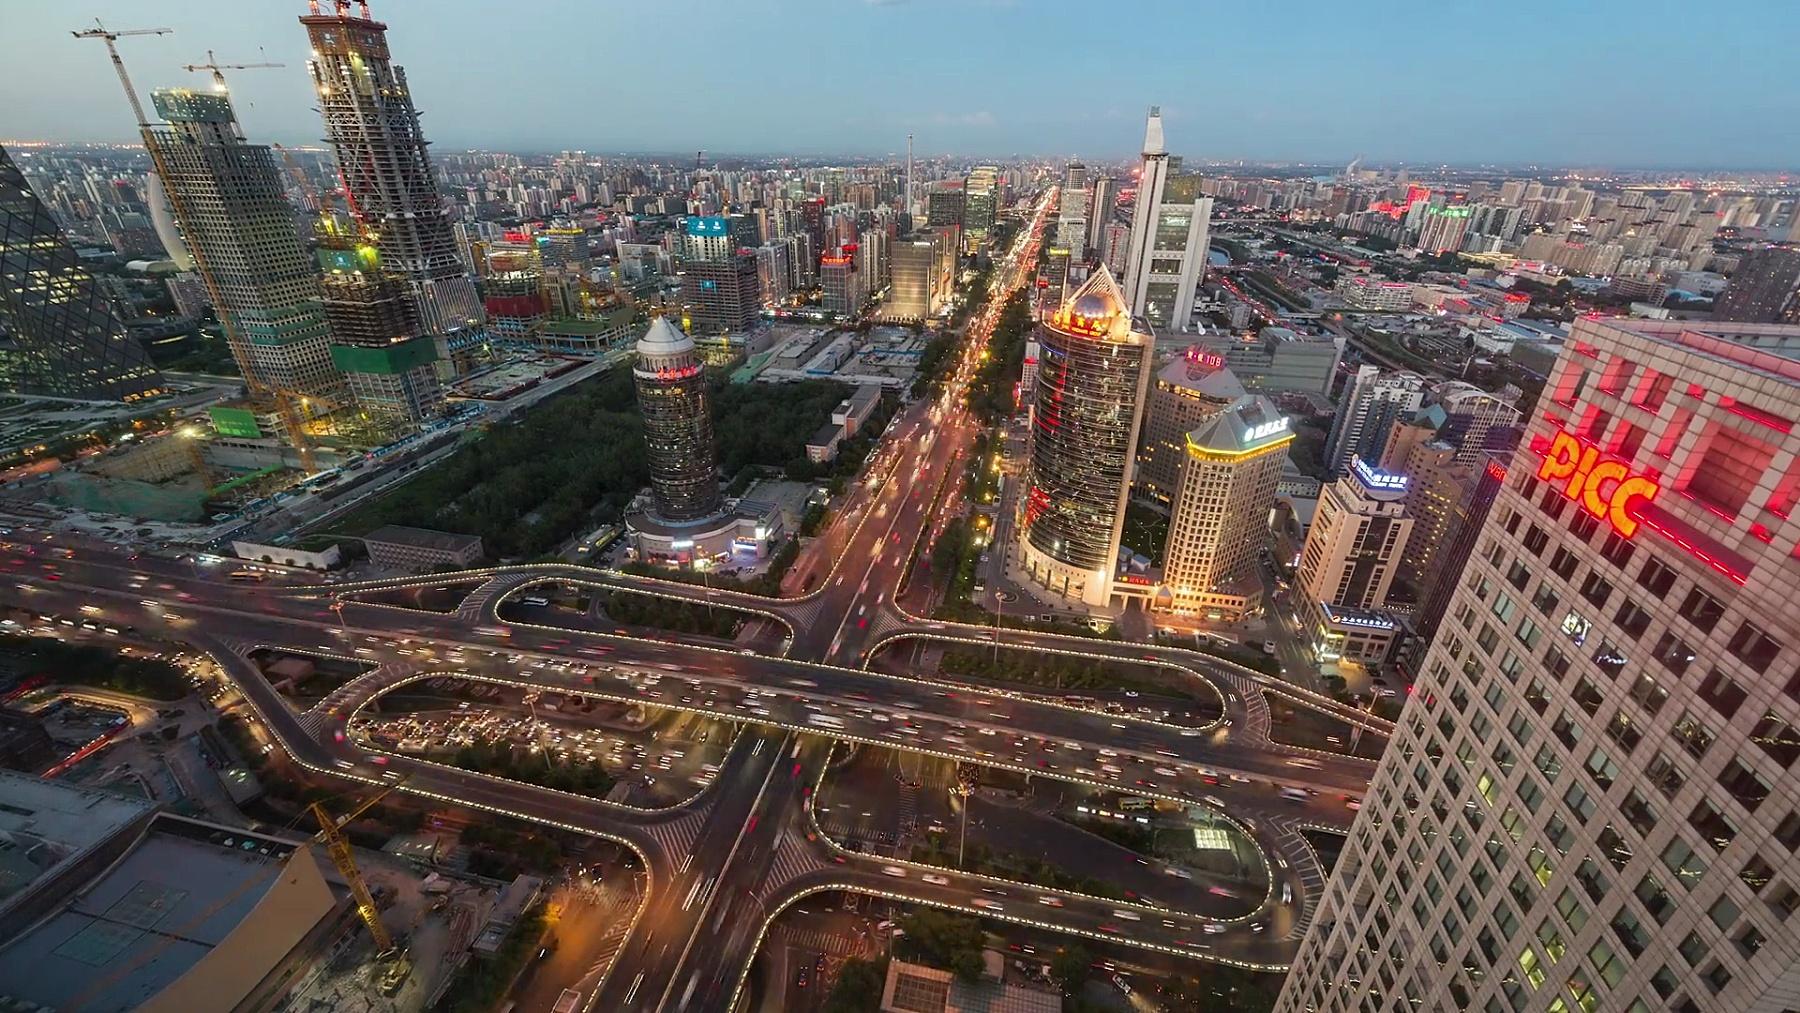 延时摄影-北京,繁忙道路交叉口鸟瞰(WS HA放大)